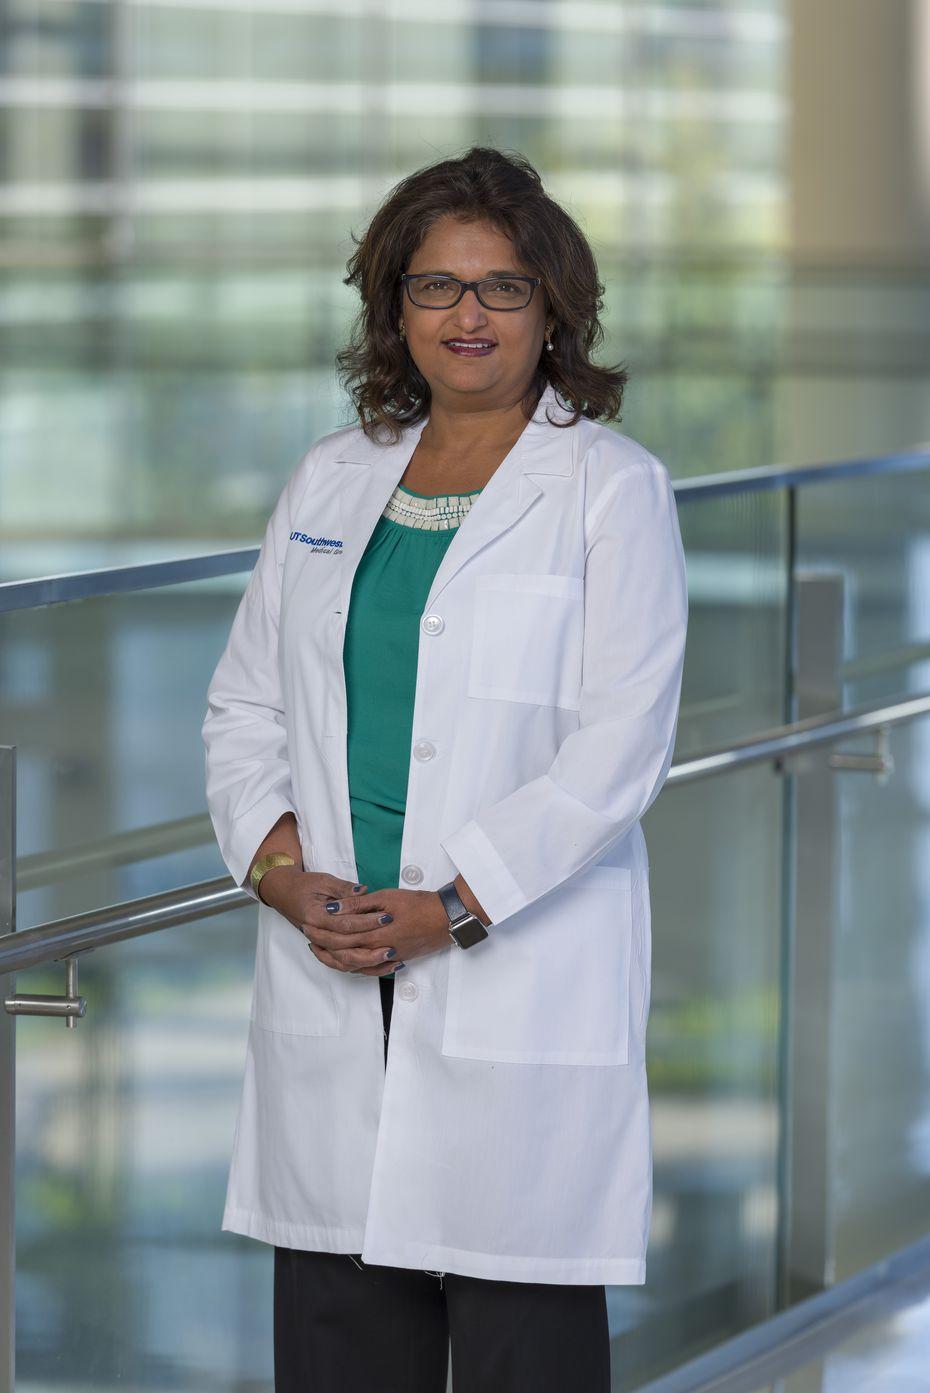 Dr. Mamta Jain, a professor of internal medicine at UT Southwestern Medical Center in Dallas